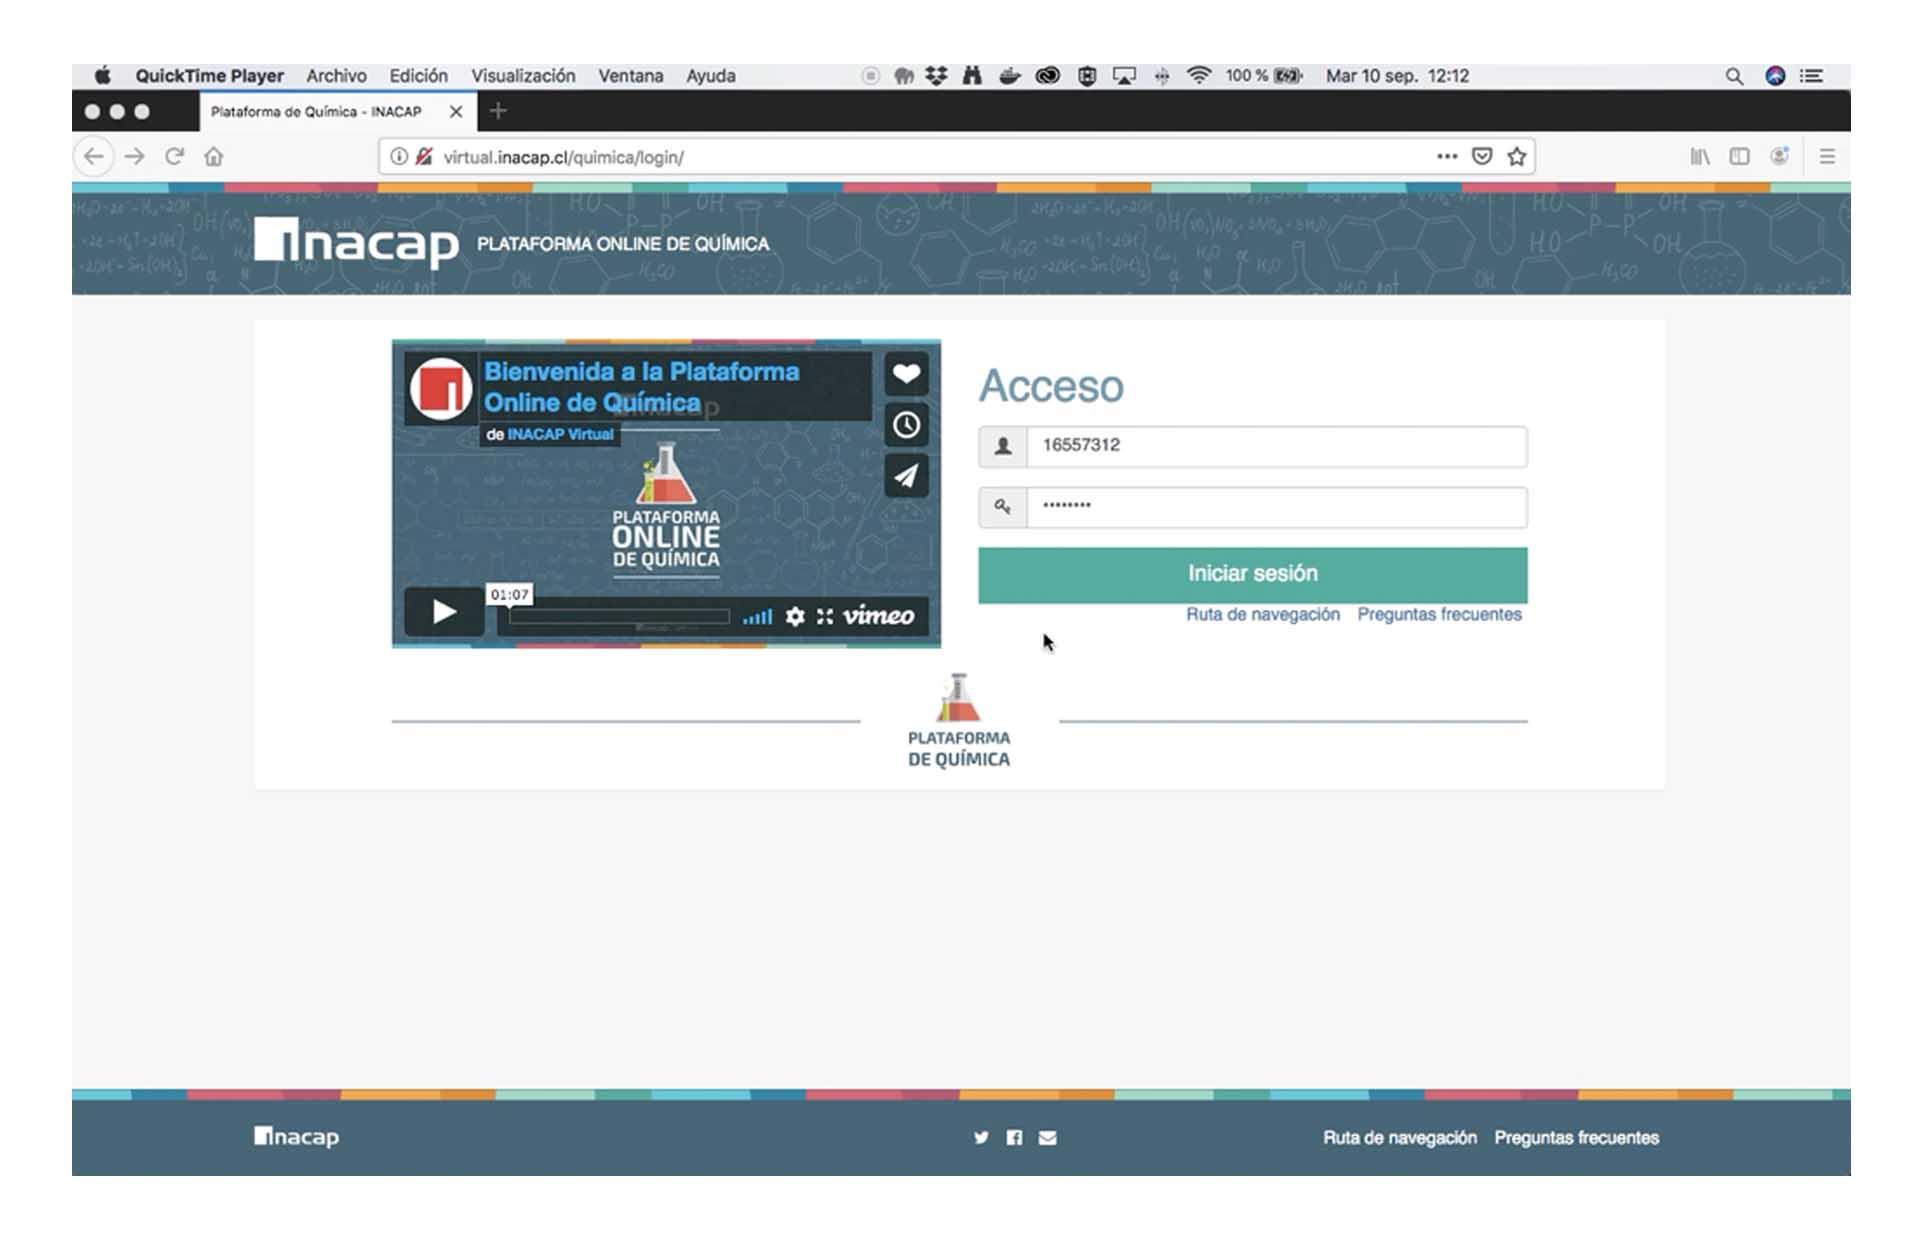 INACAP: E-Learning basado en Moodle